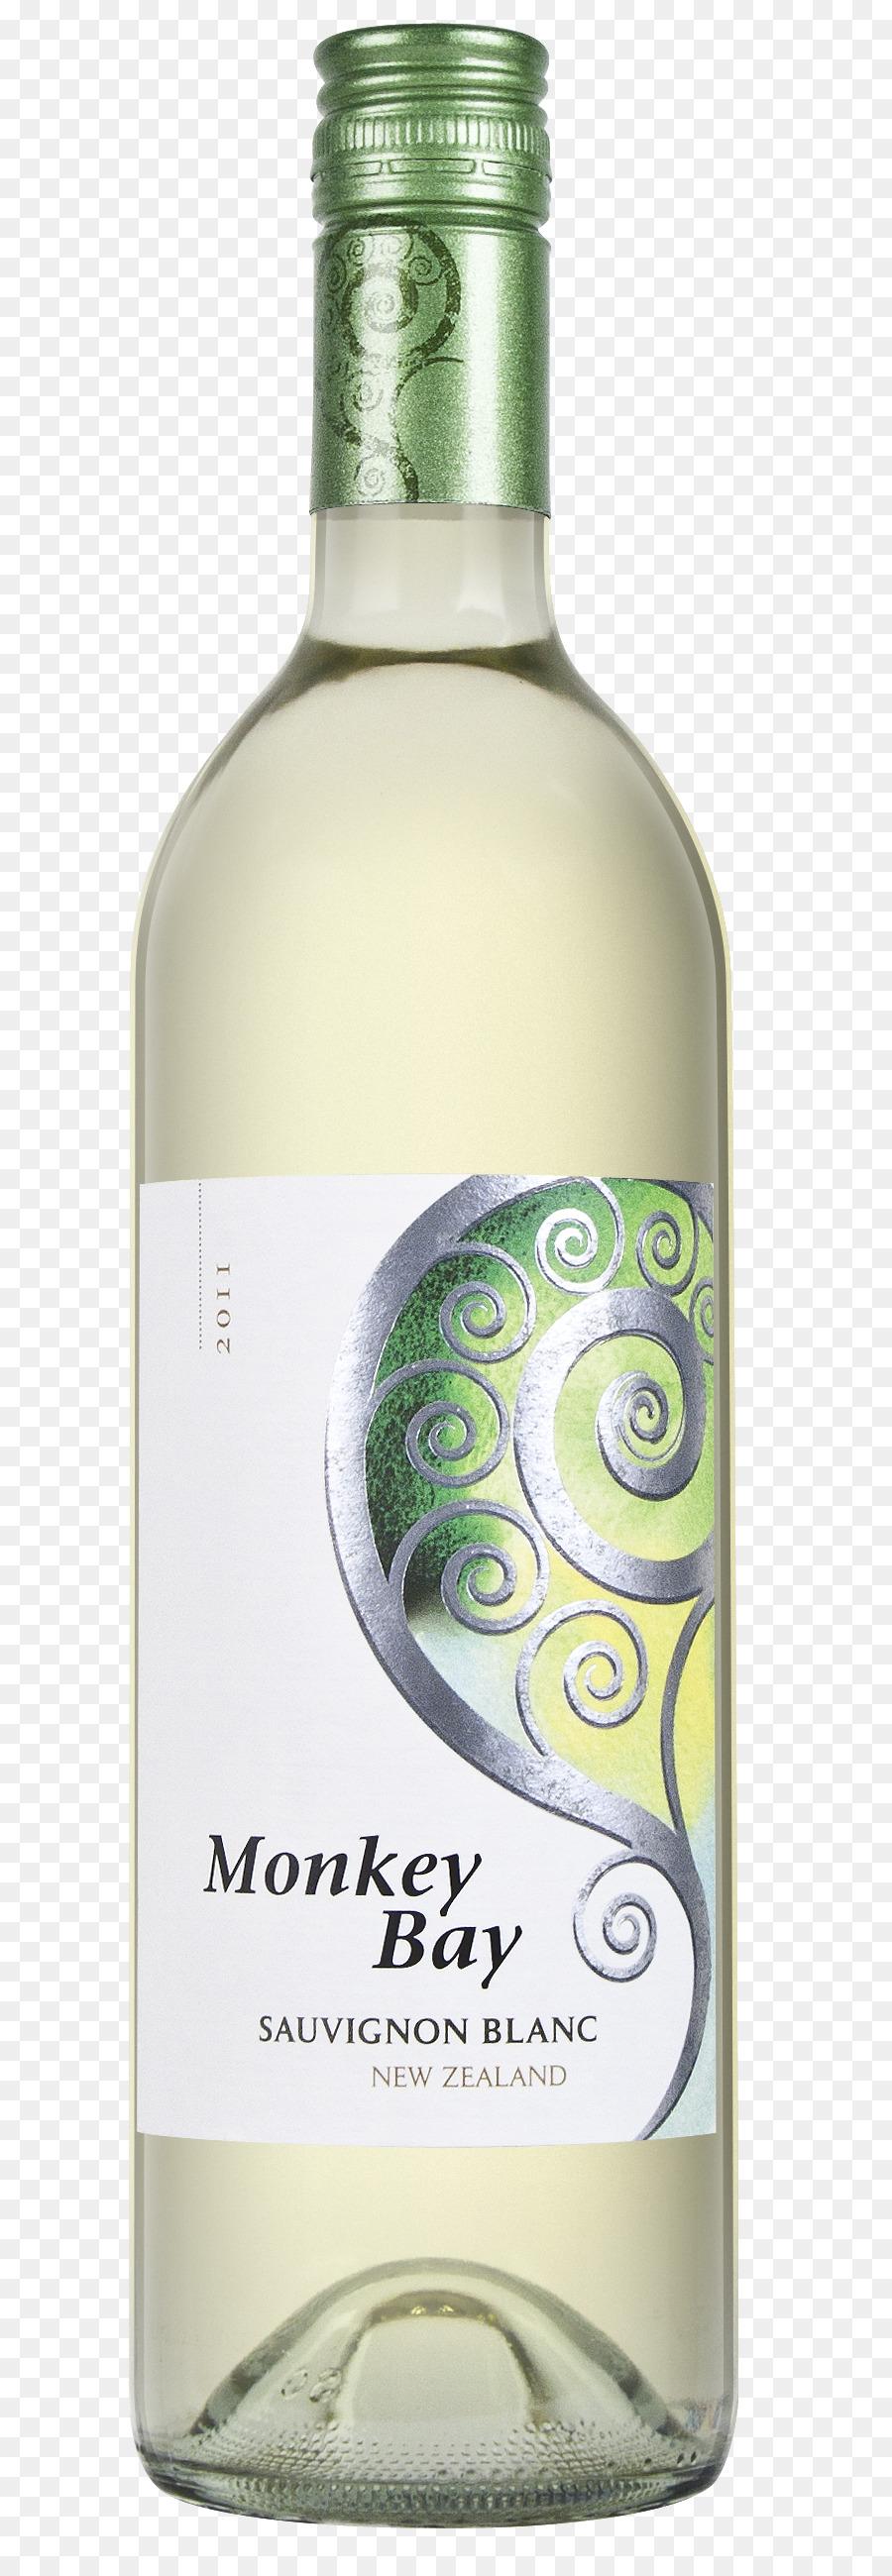 Descarga gratuita de Sauvignon Blanc, Cabernet Sauvignon, Pinot Noir imágenes PNG